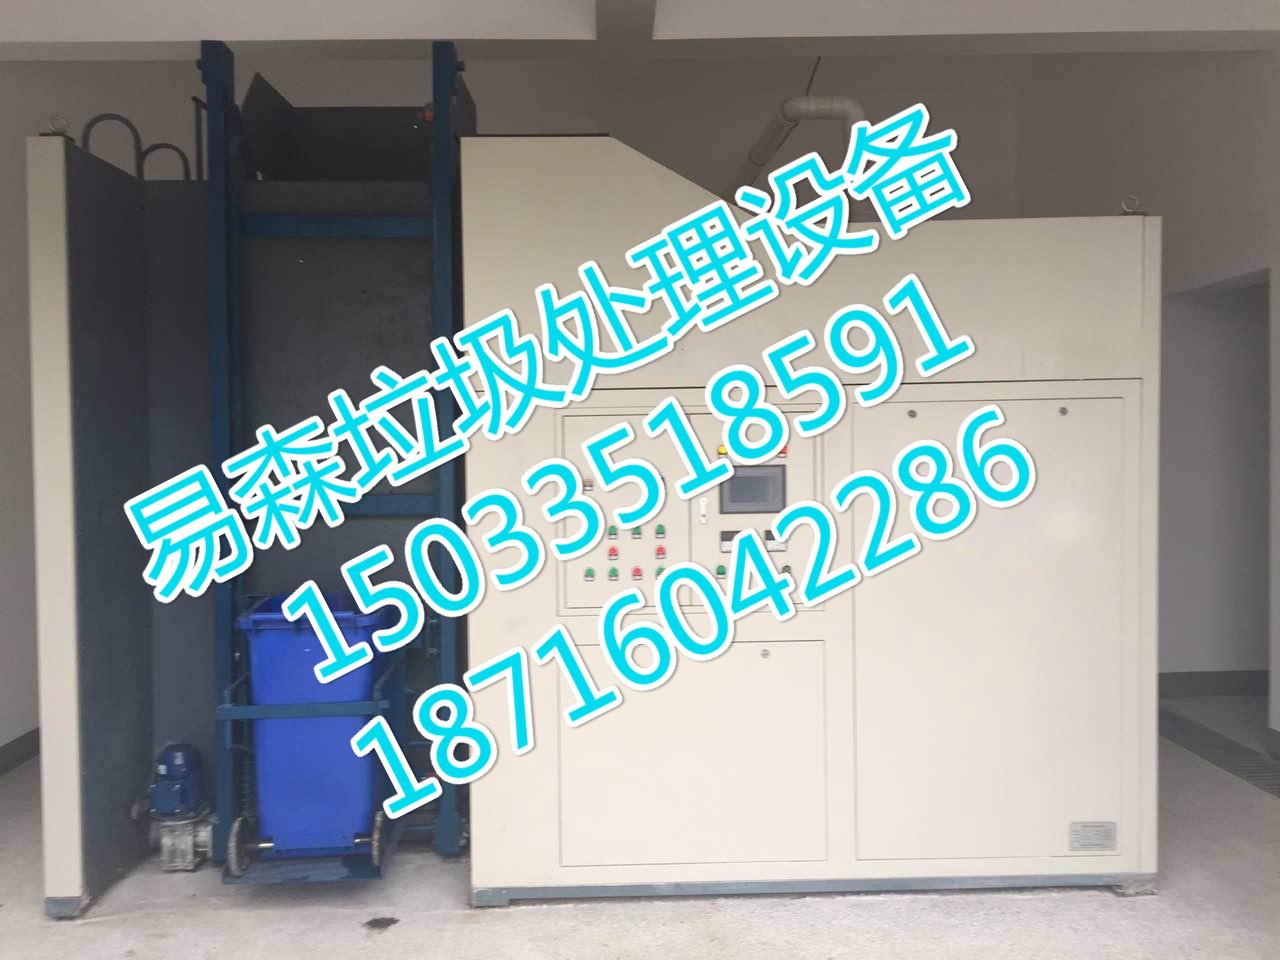 垃圾處理制肥技術垃圾處理站15033518591有機質垃圾處理機